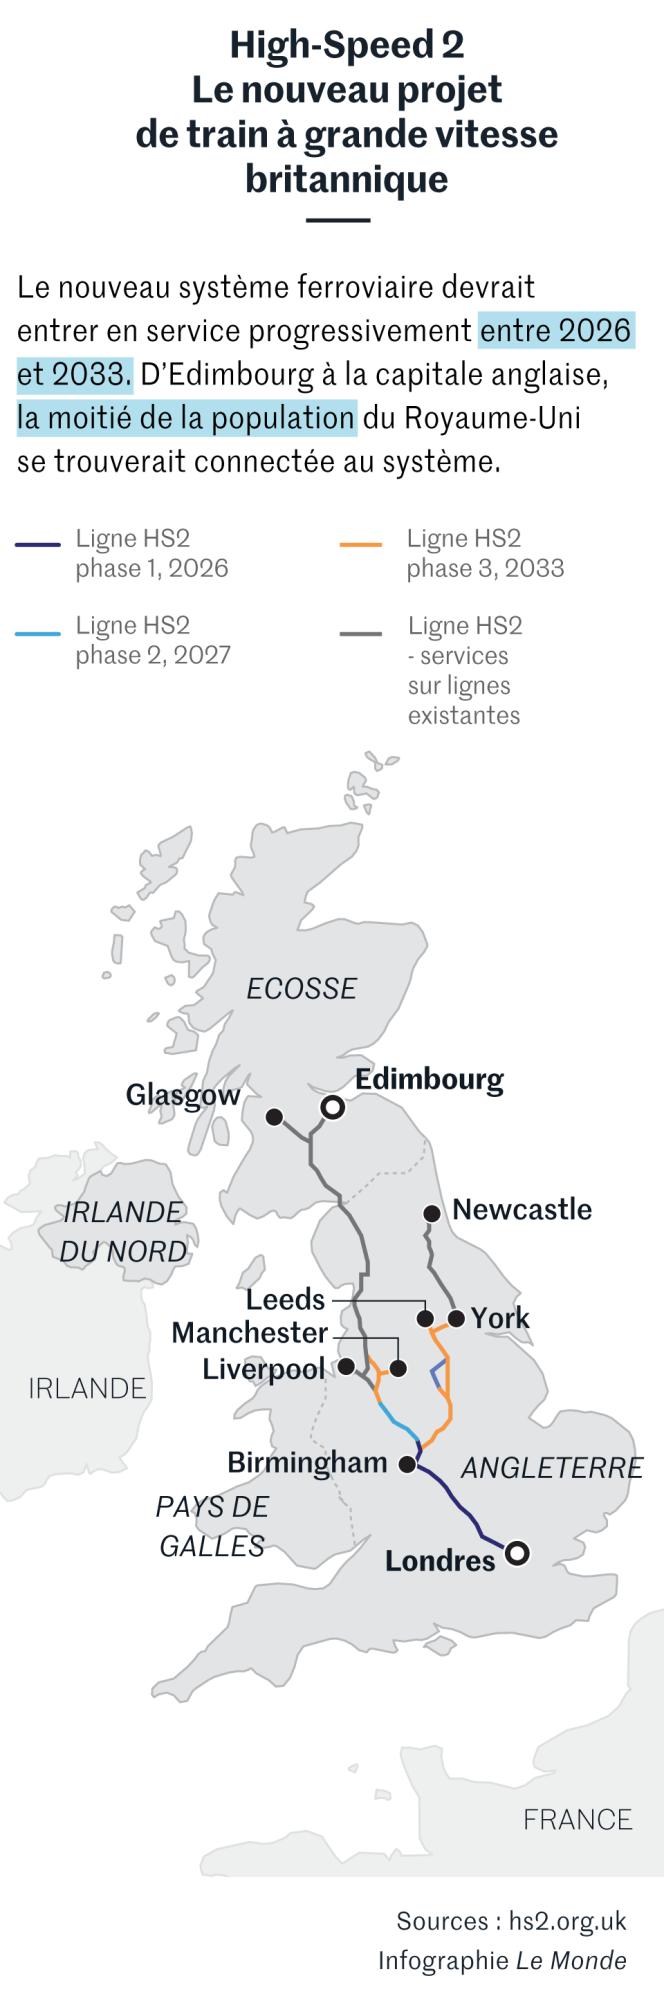 Tracé de la ligne de train à grande vitesse HS2, au Royaume-Uni.